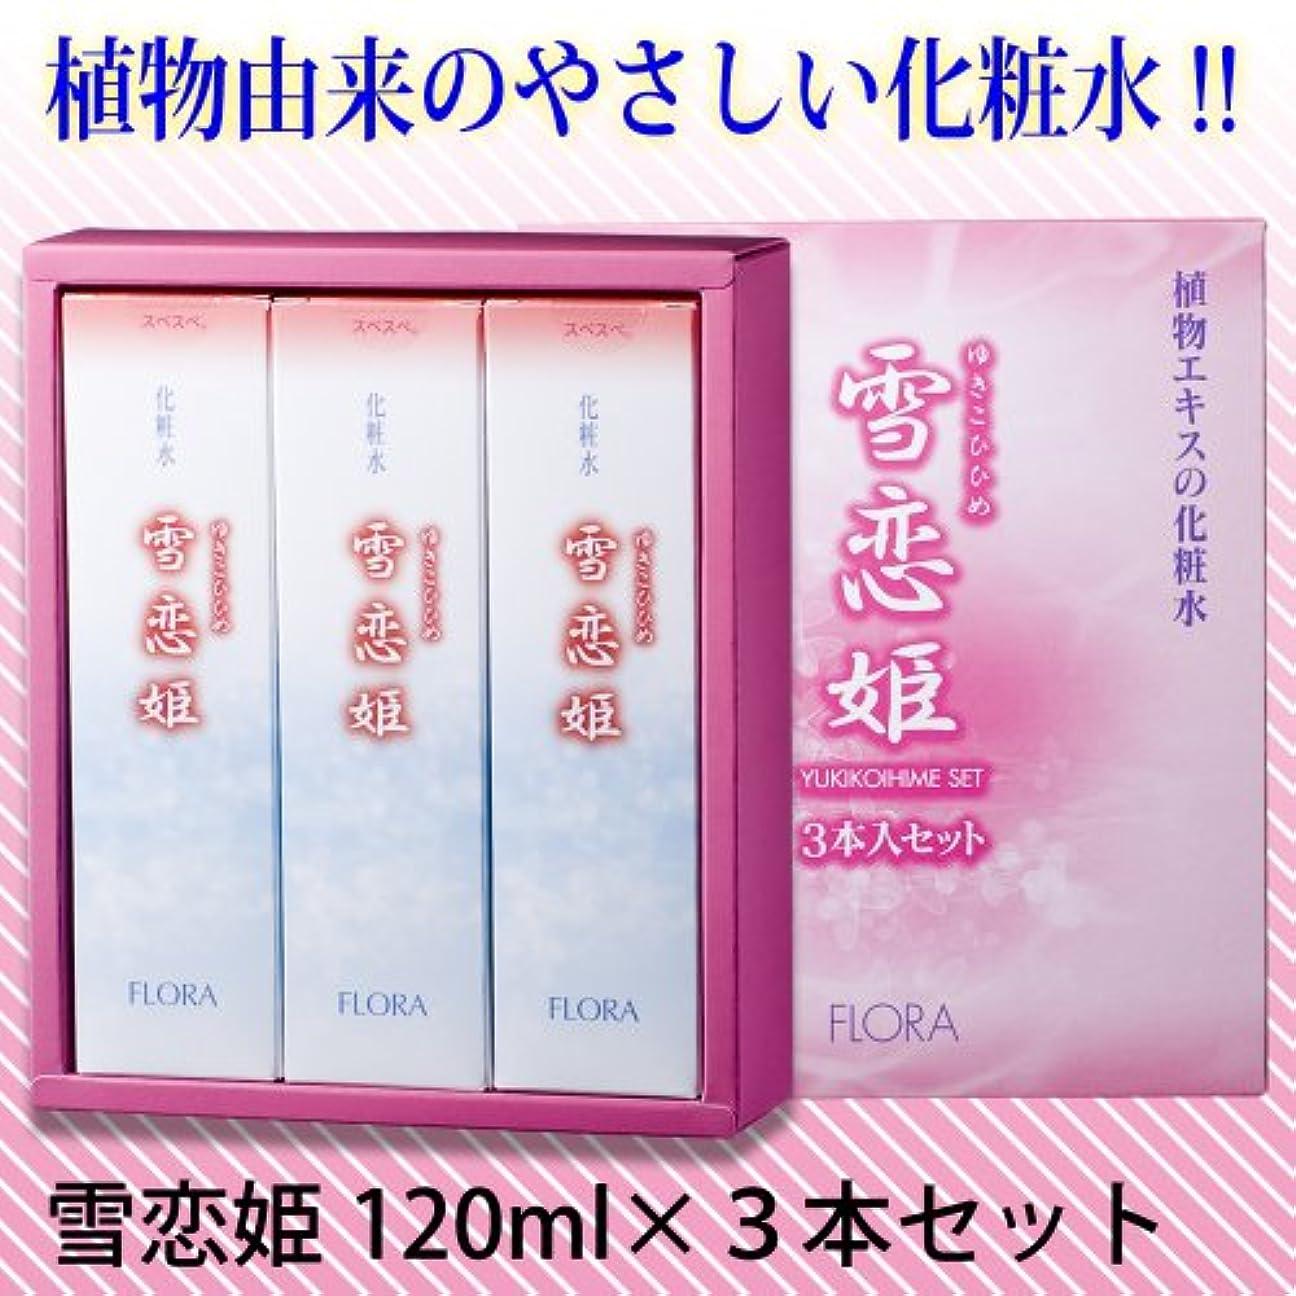 雪恋姫 化粧水 120ml×3本セット